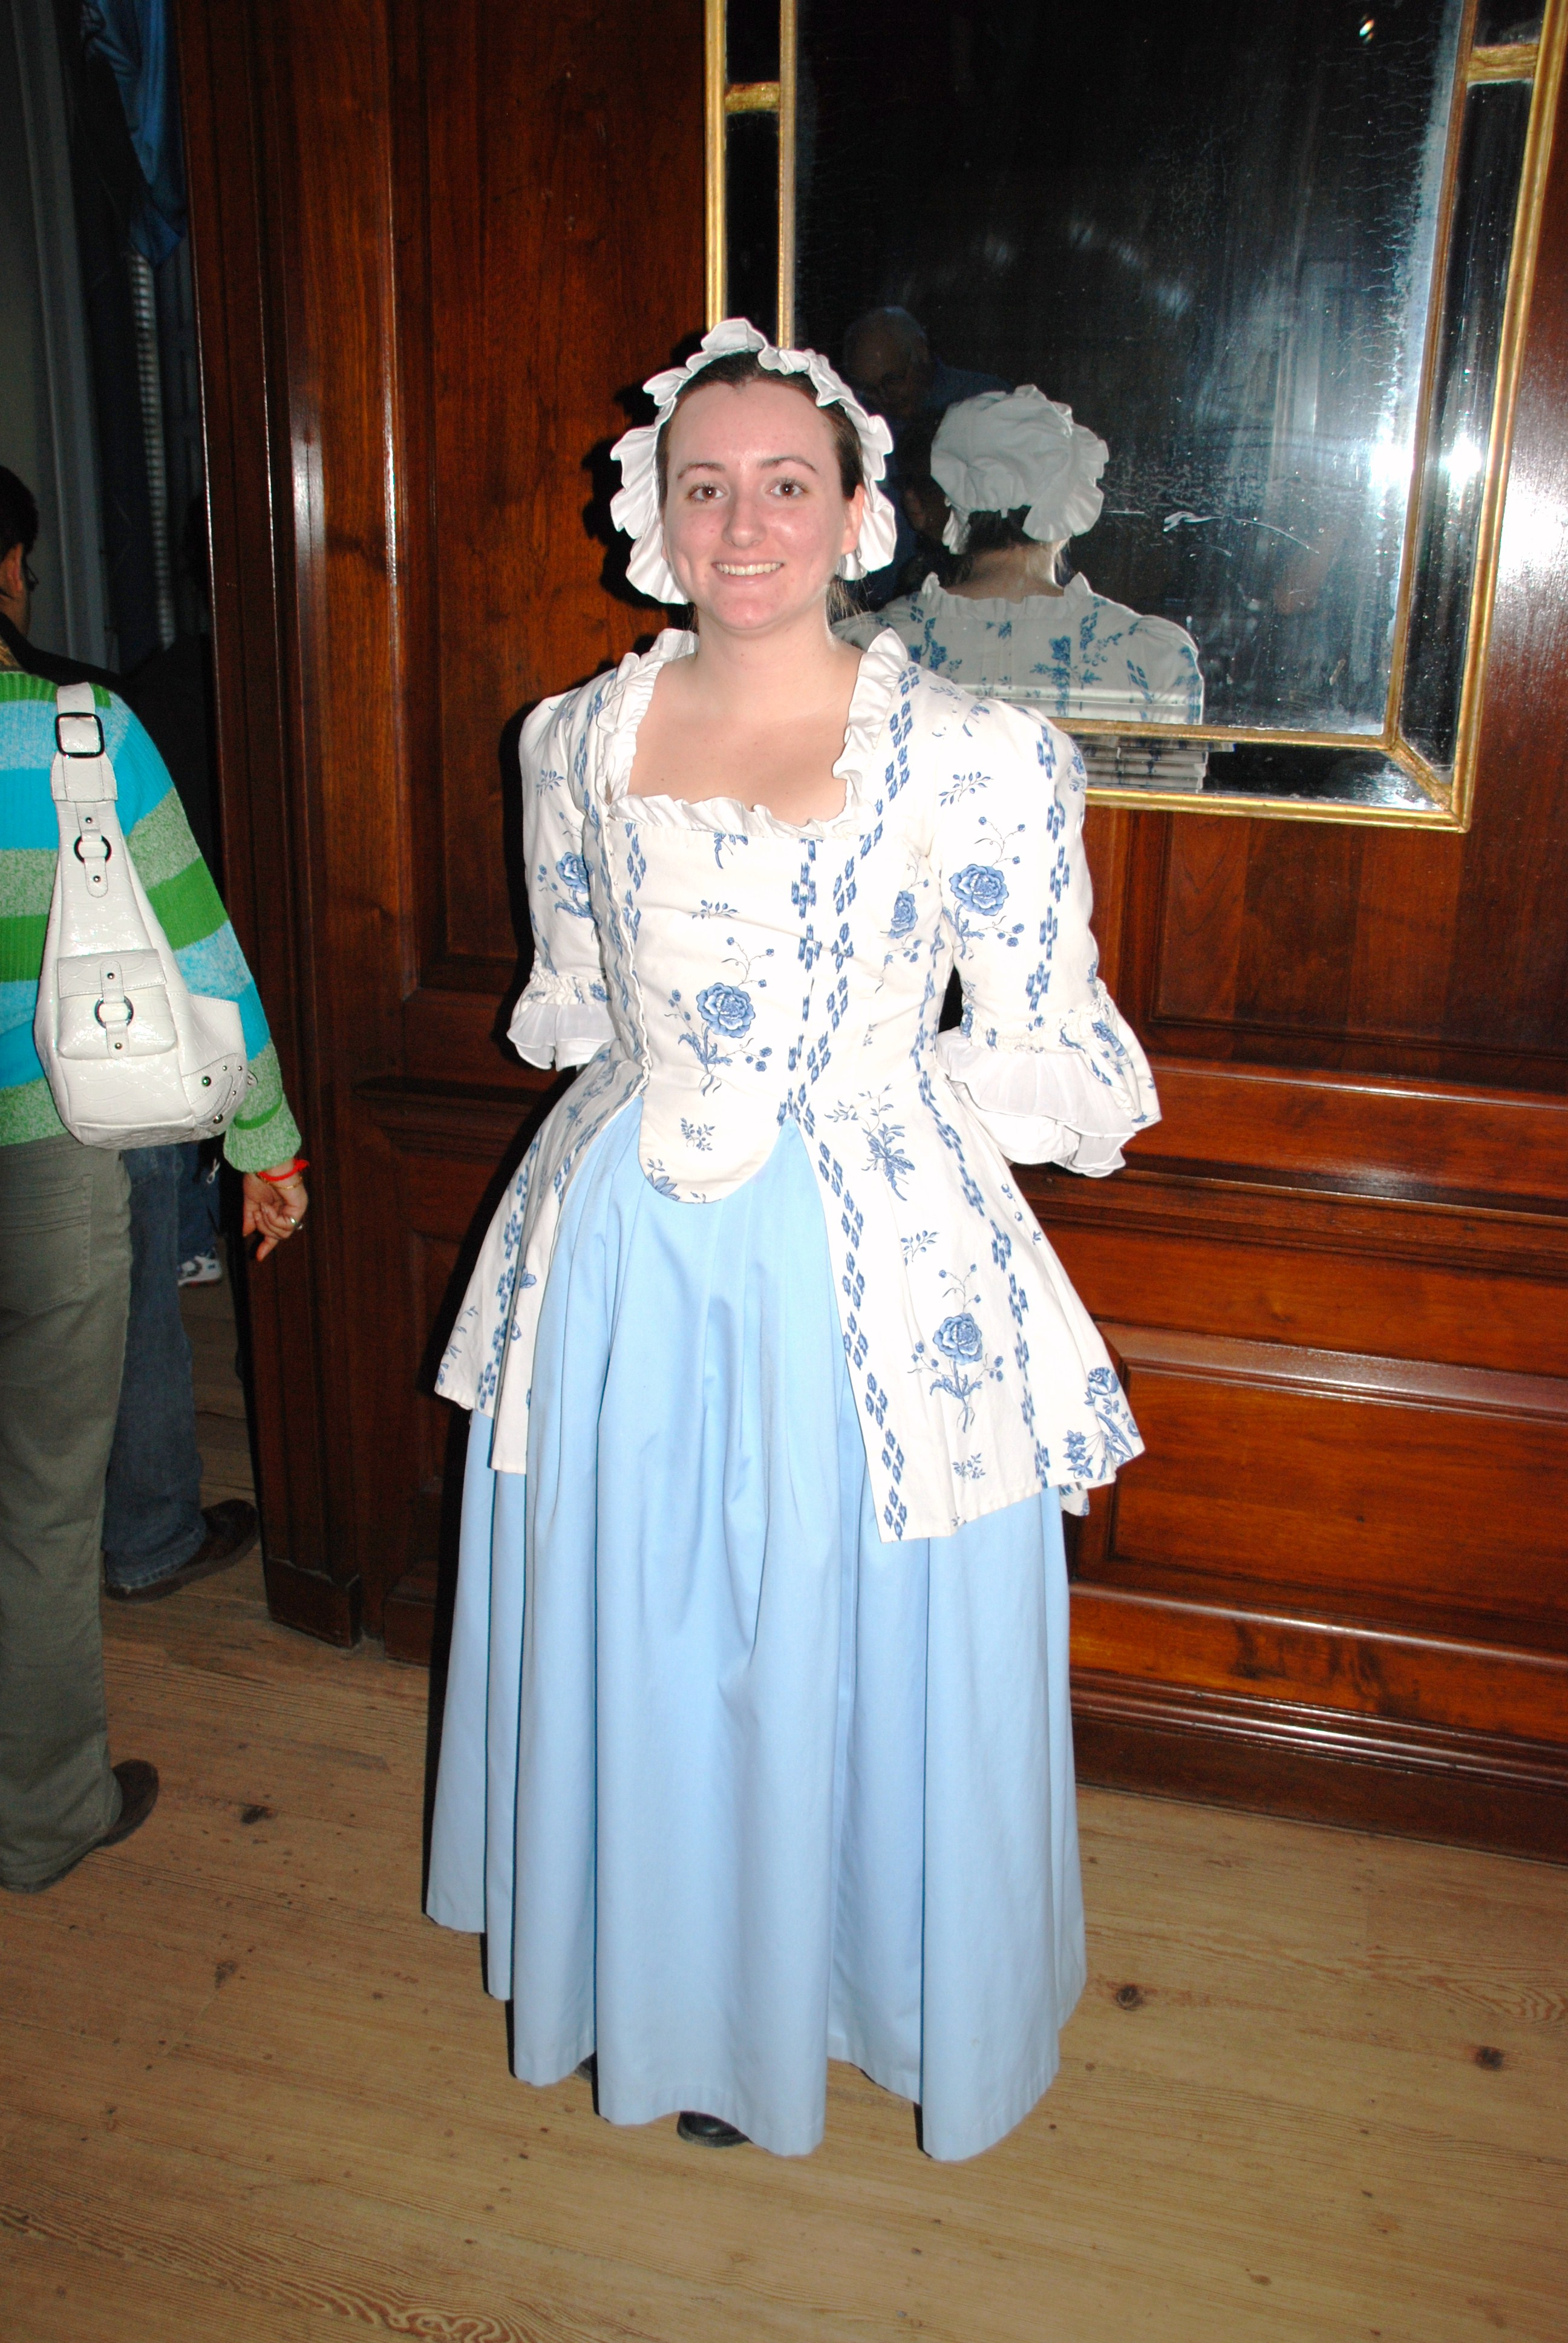 FileColonial Williamsburg (3203888491).jpg  sc 1 st  Wikimedia Commons & File:Colonial Williamsburg (3203888491).jpg - Wikimedia Commons